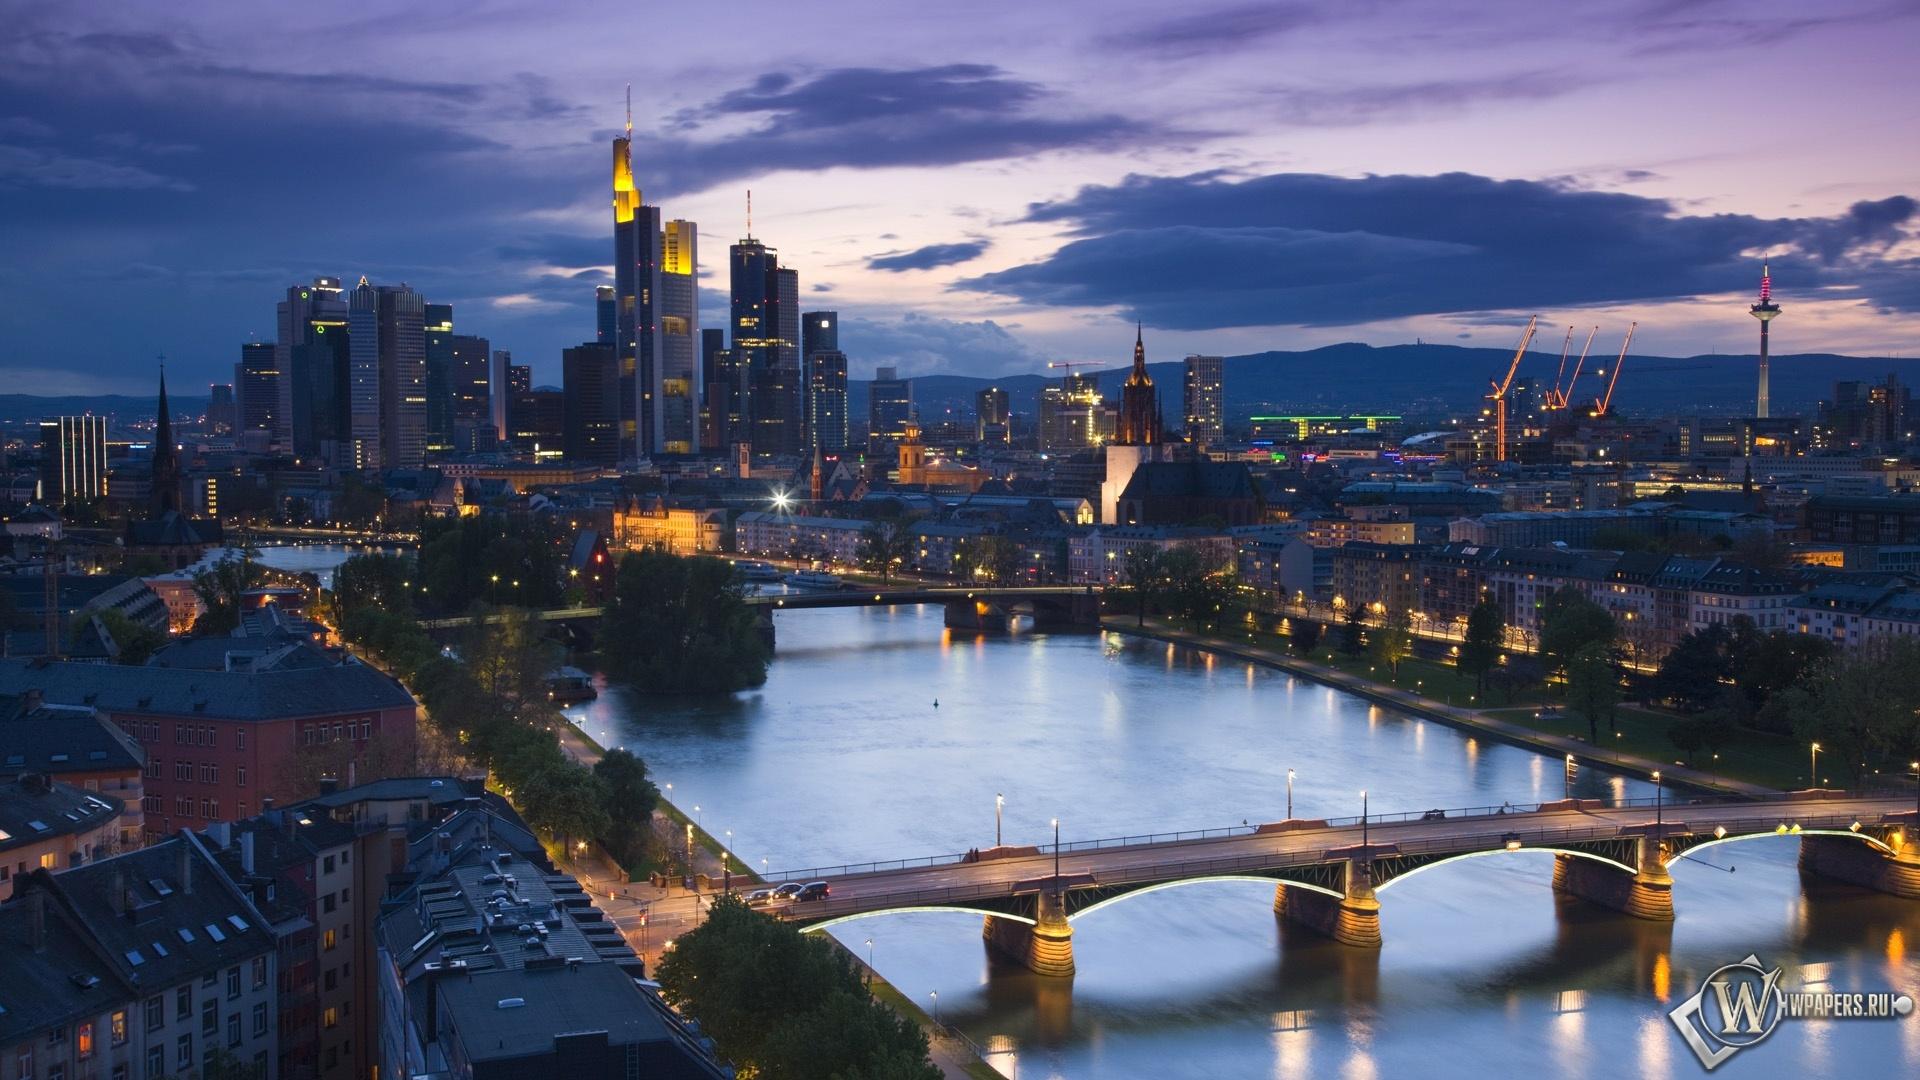 Франкфурт Германия 1920x1080